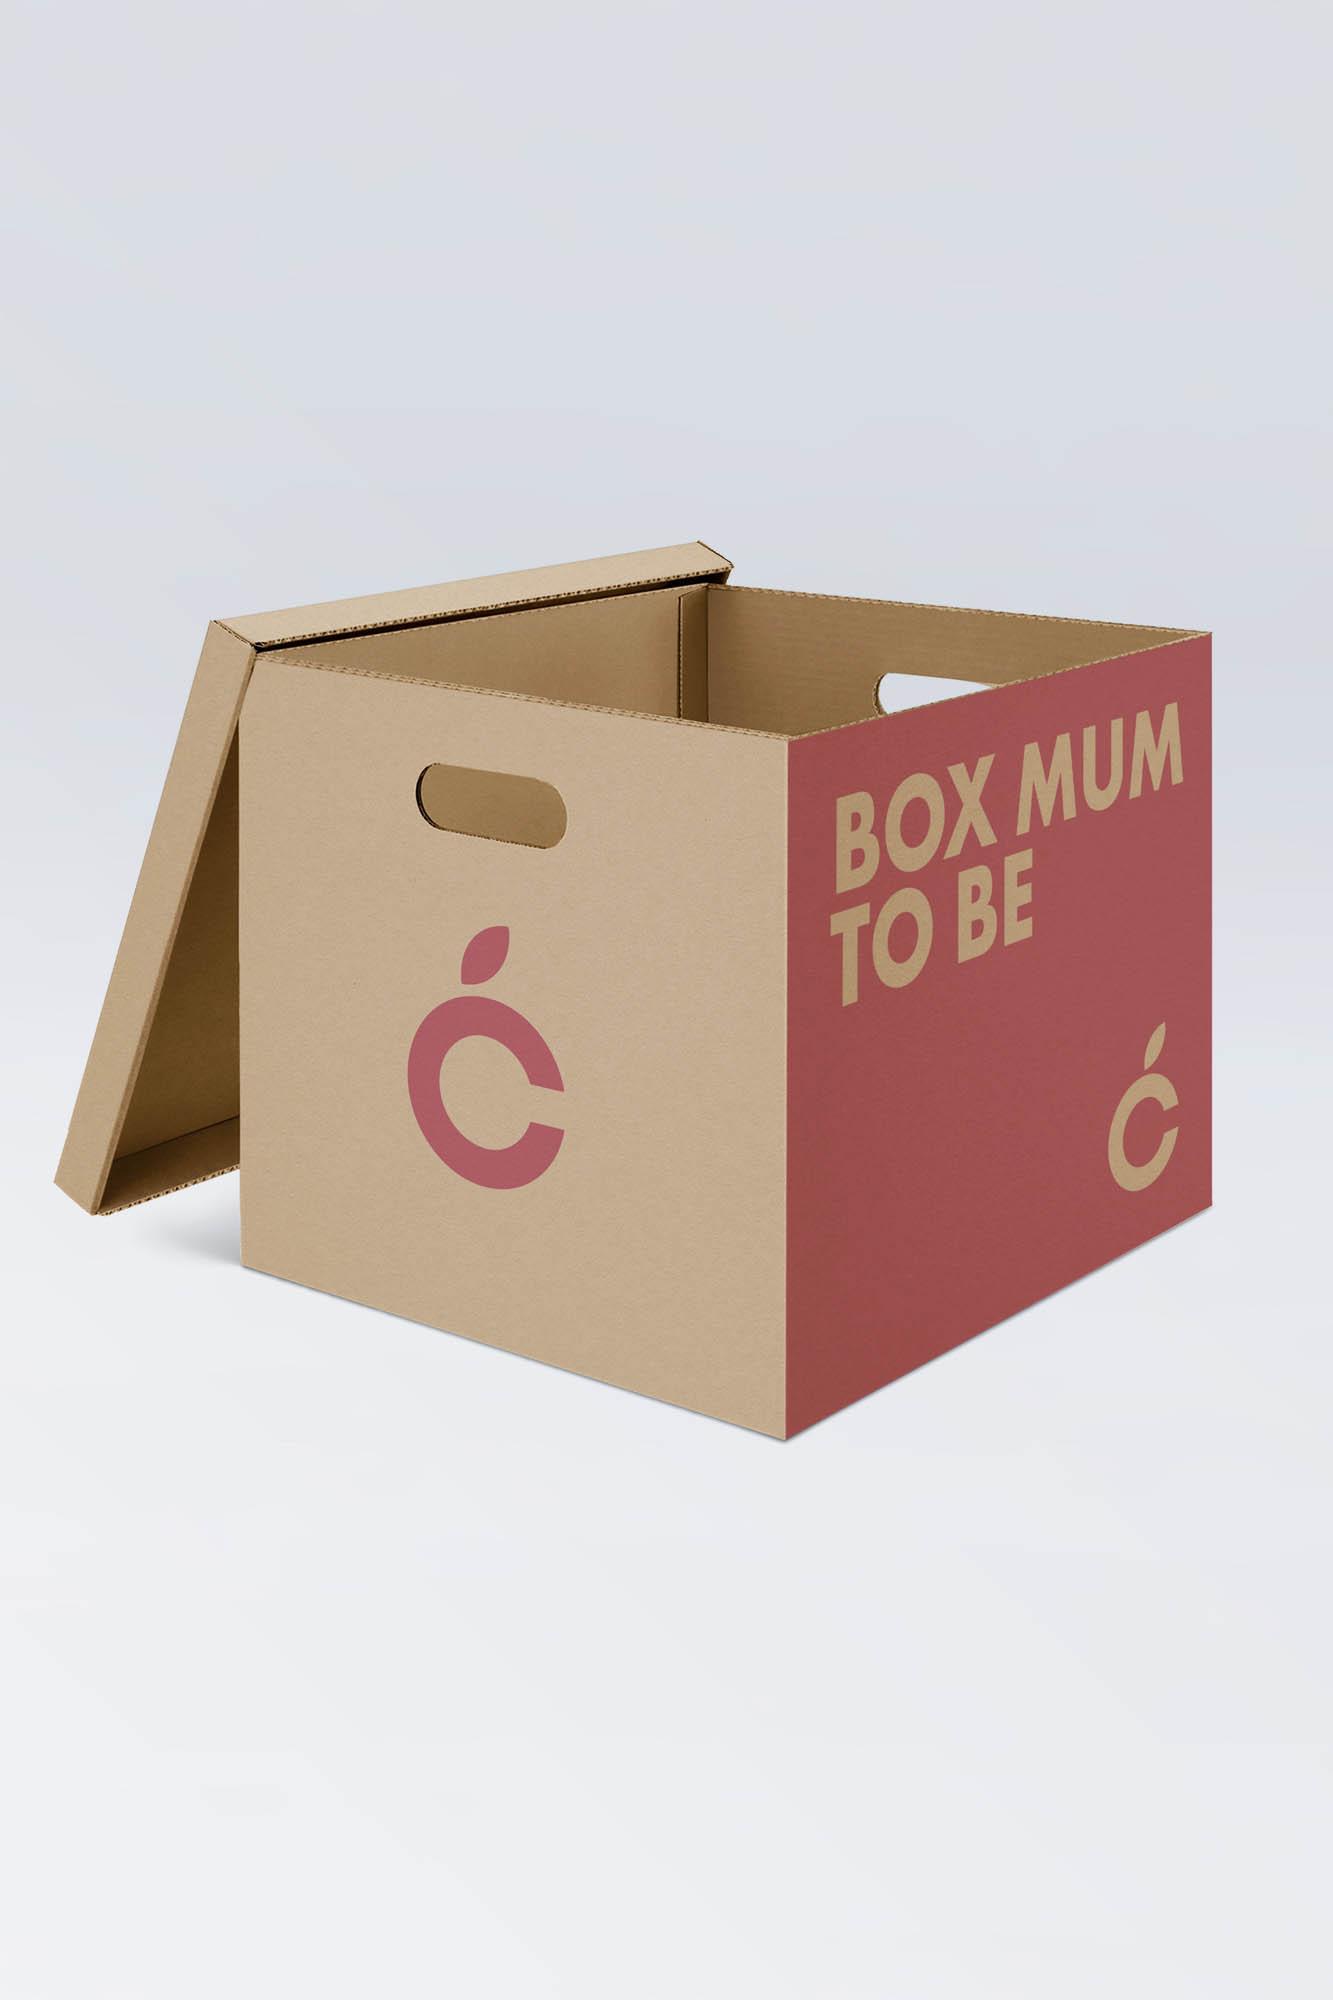 Box Mum To Be